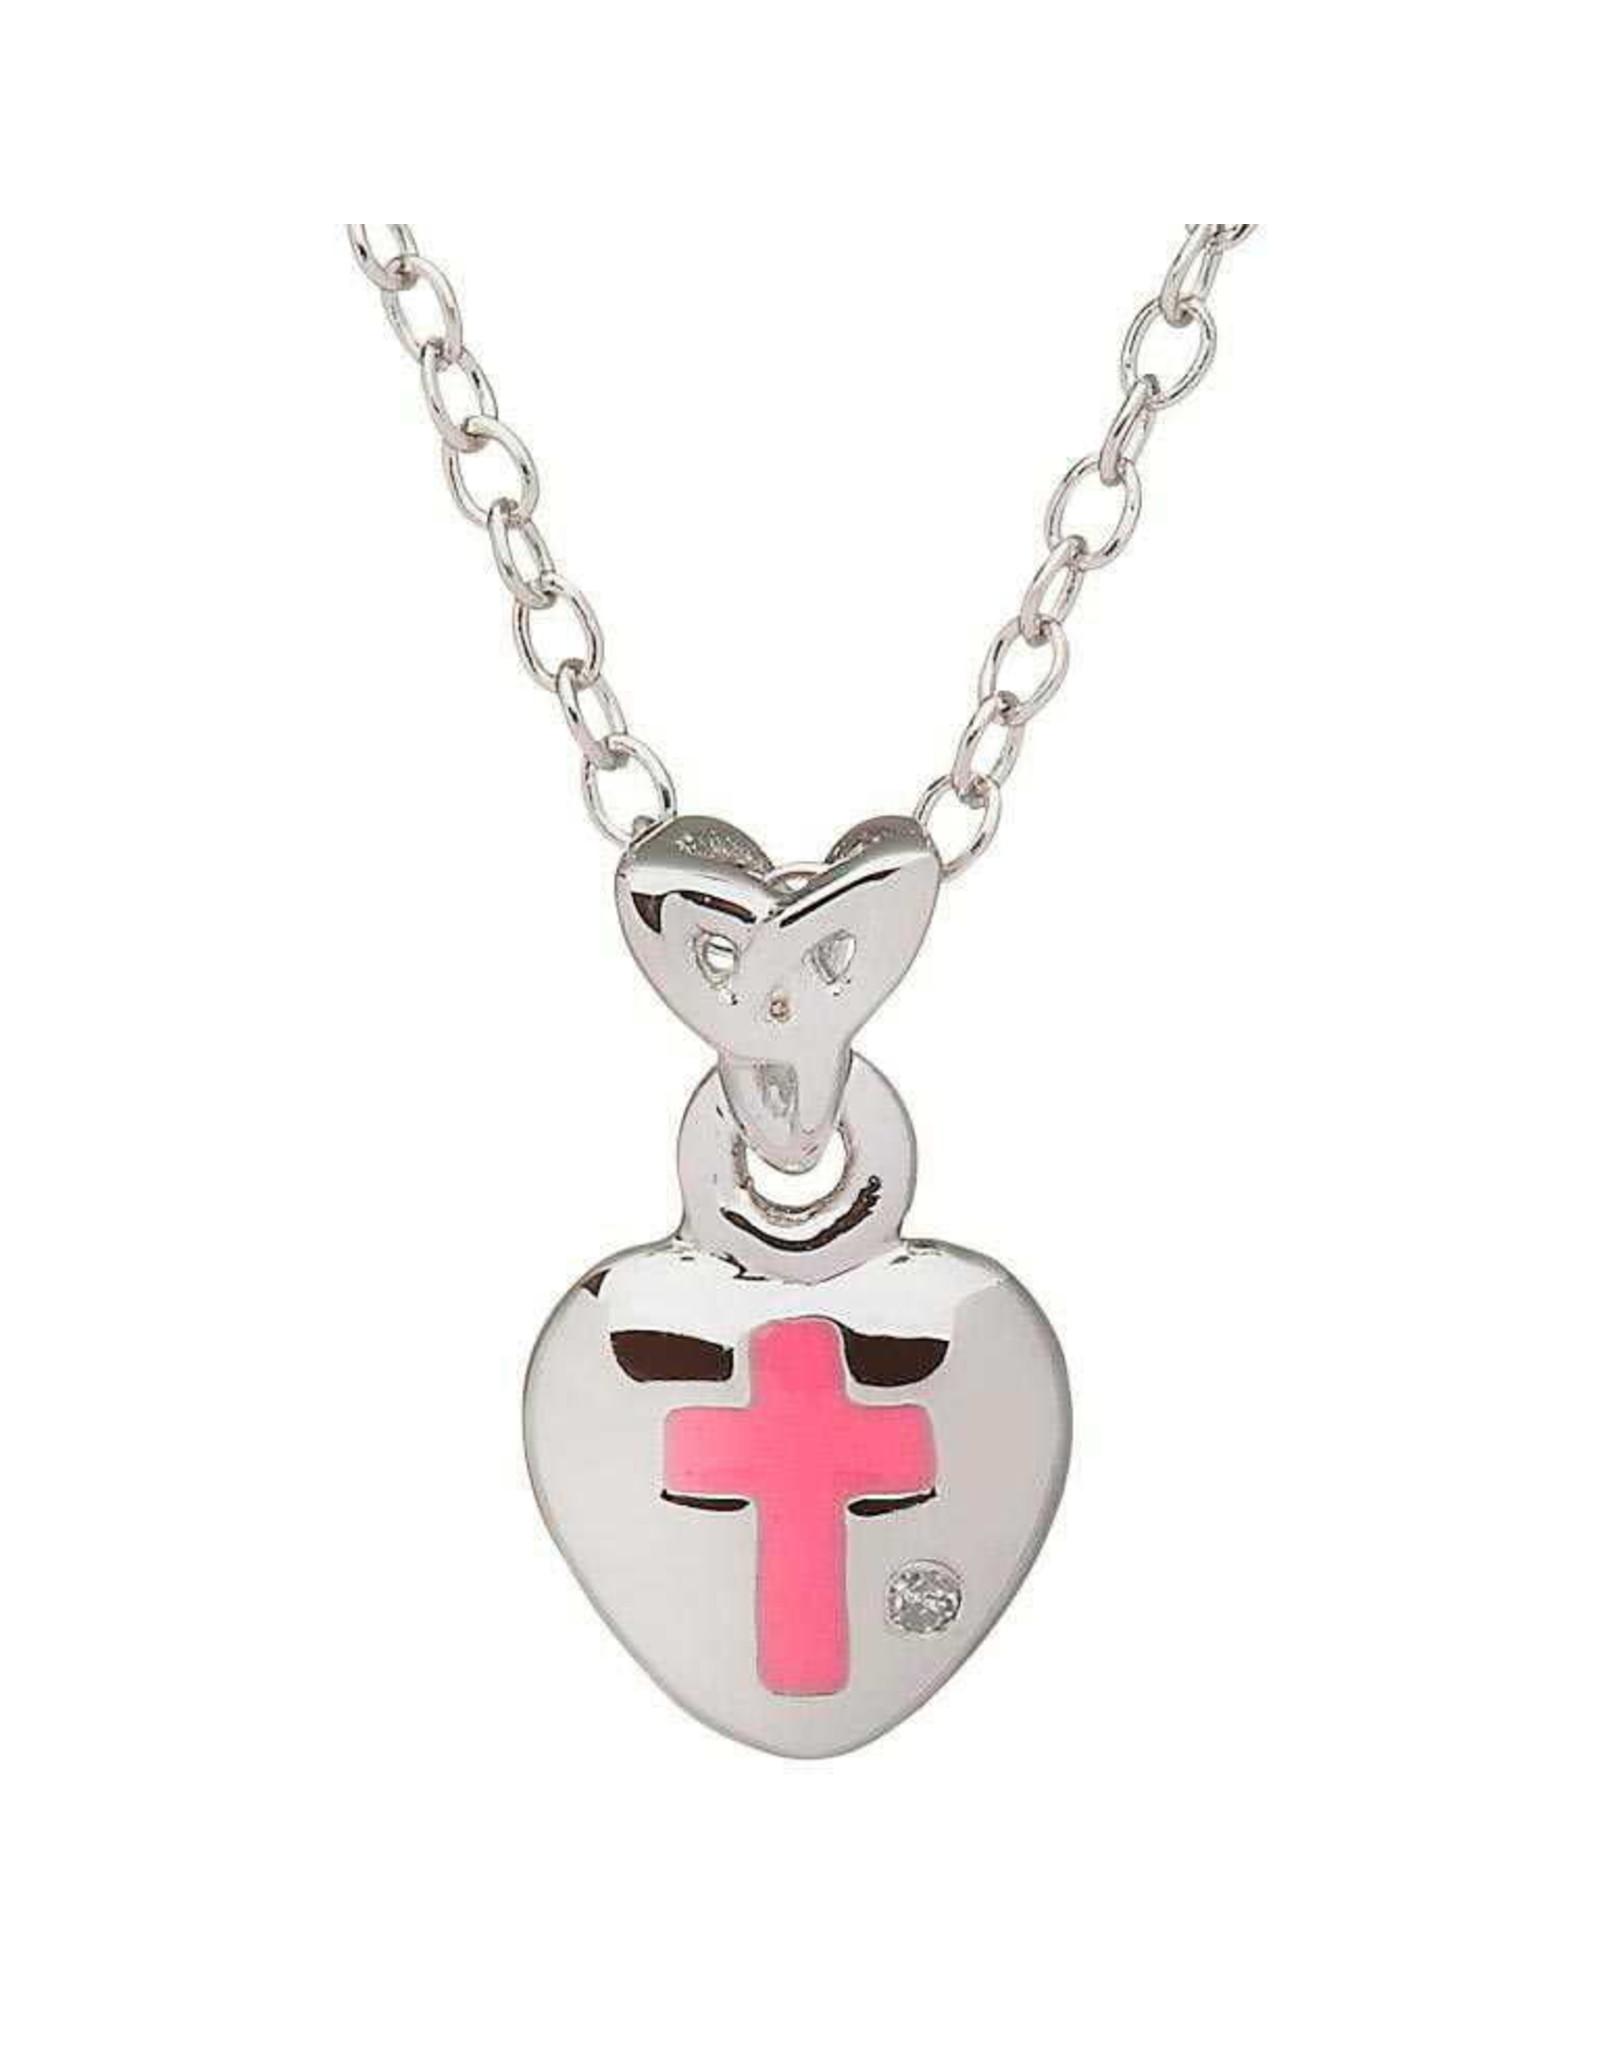 Shanore Pink Cross Heart w/ Diamond